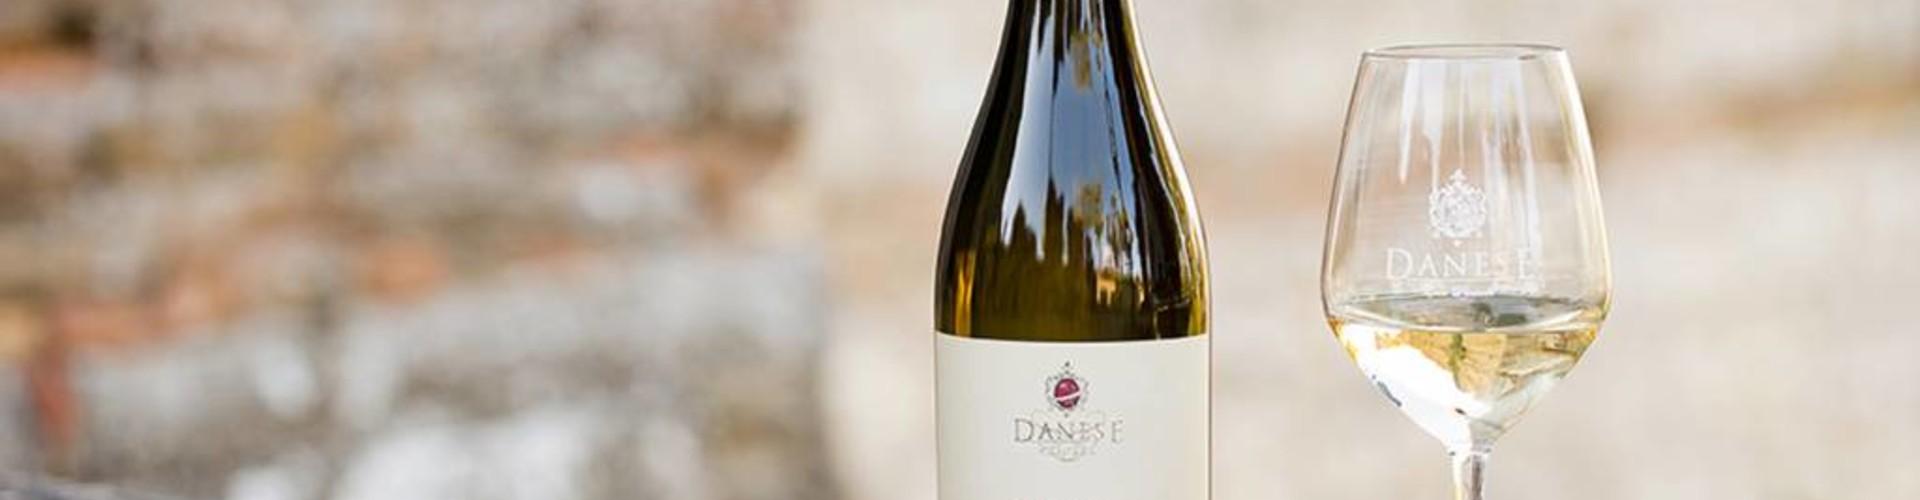 Goede beoordelingen en awards voor Danese wijnen